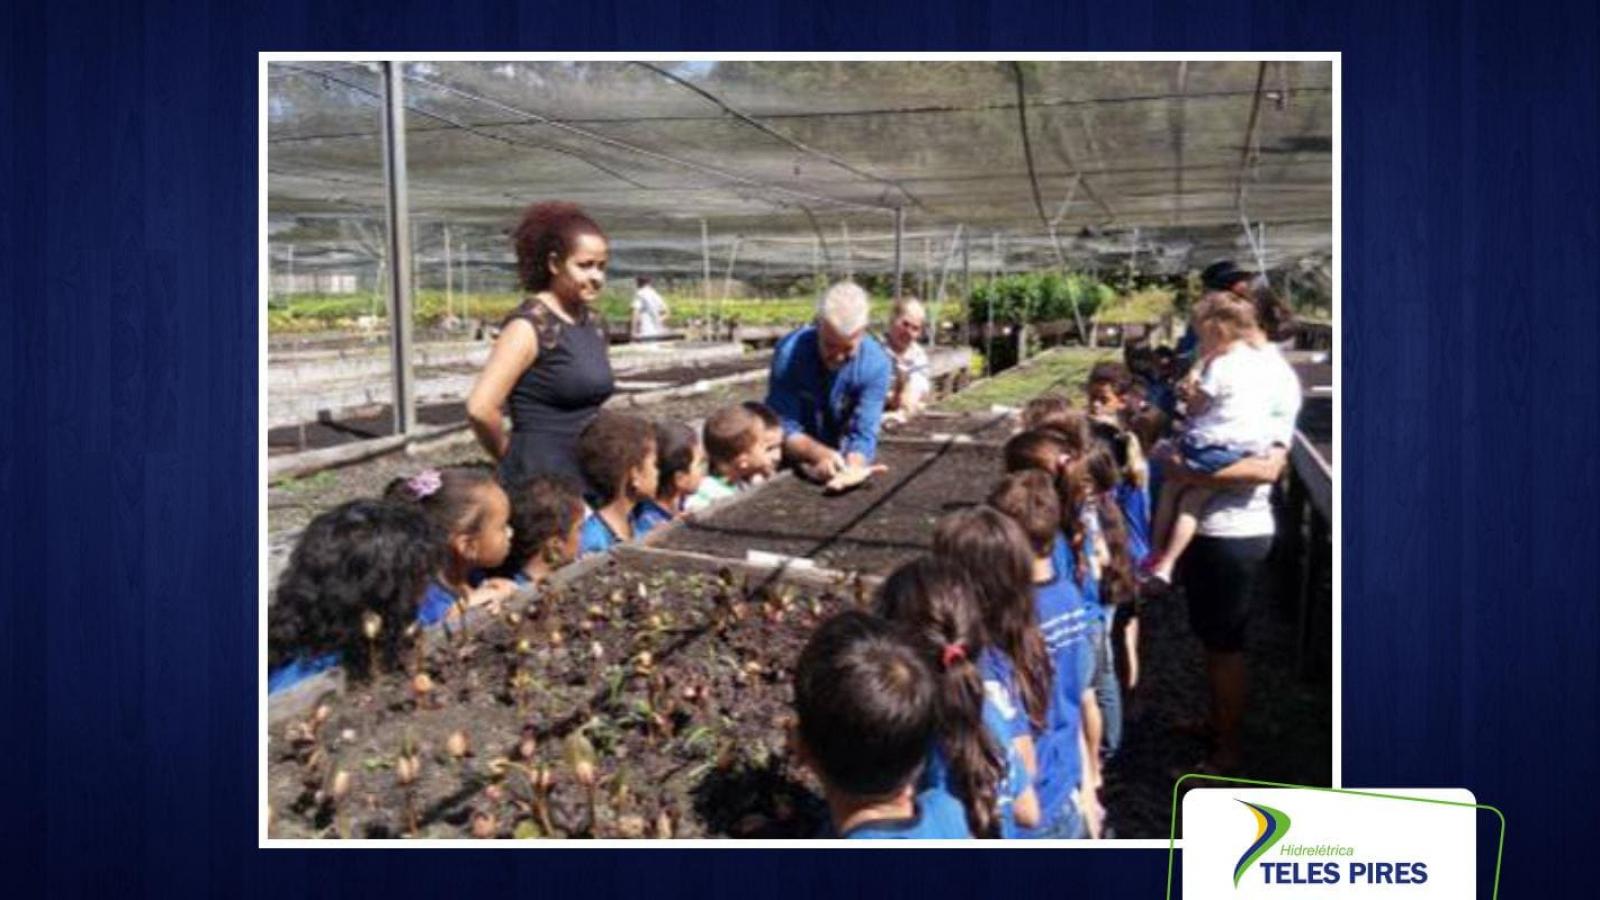 Semana do Meio Ambiente: CHTP estende ações ambientais para  todo mês de junho